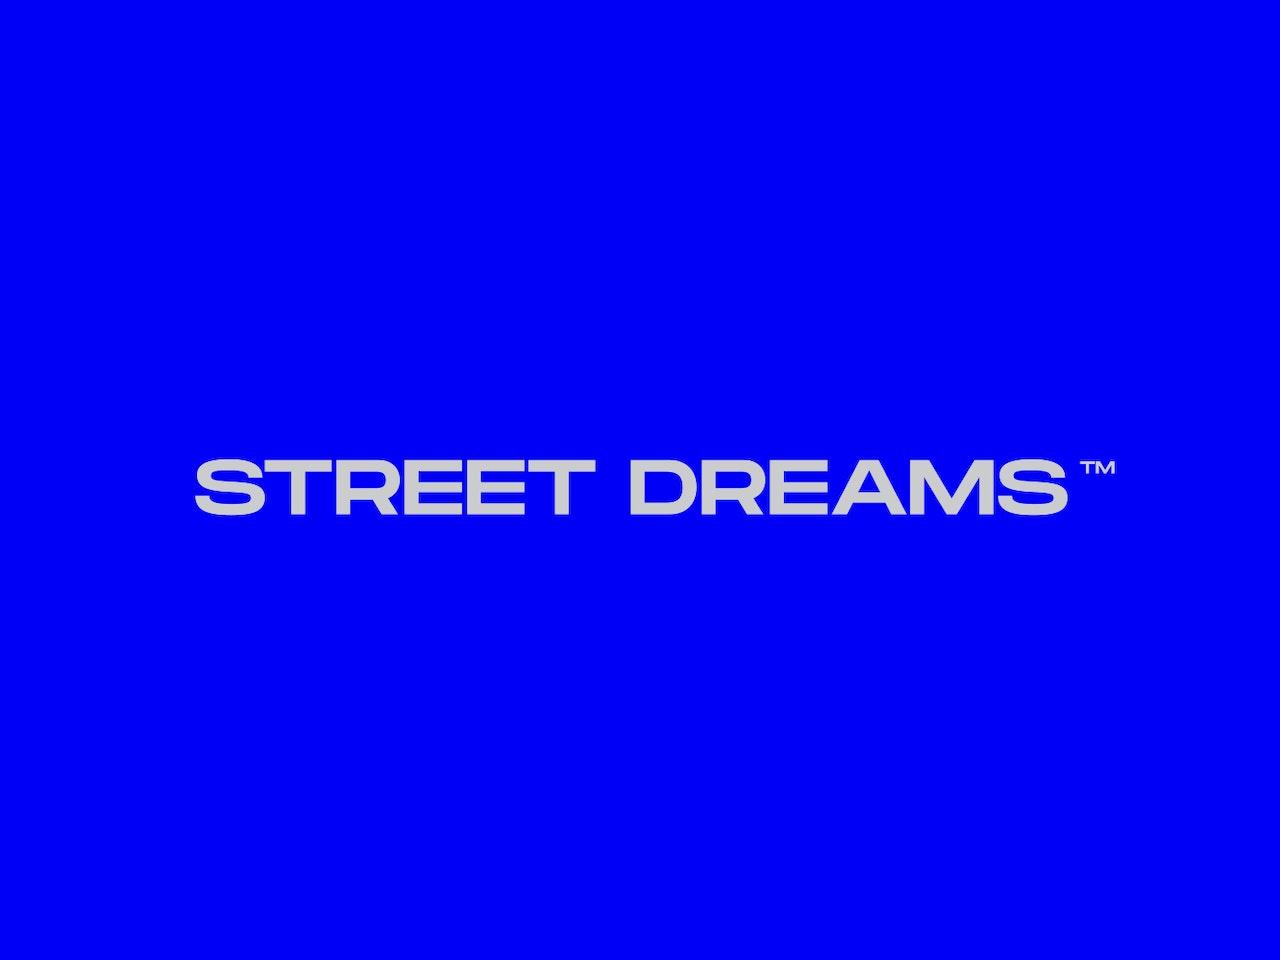 Street Dreams - Brand Presentation by BK.002